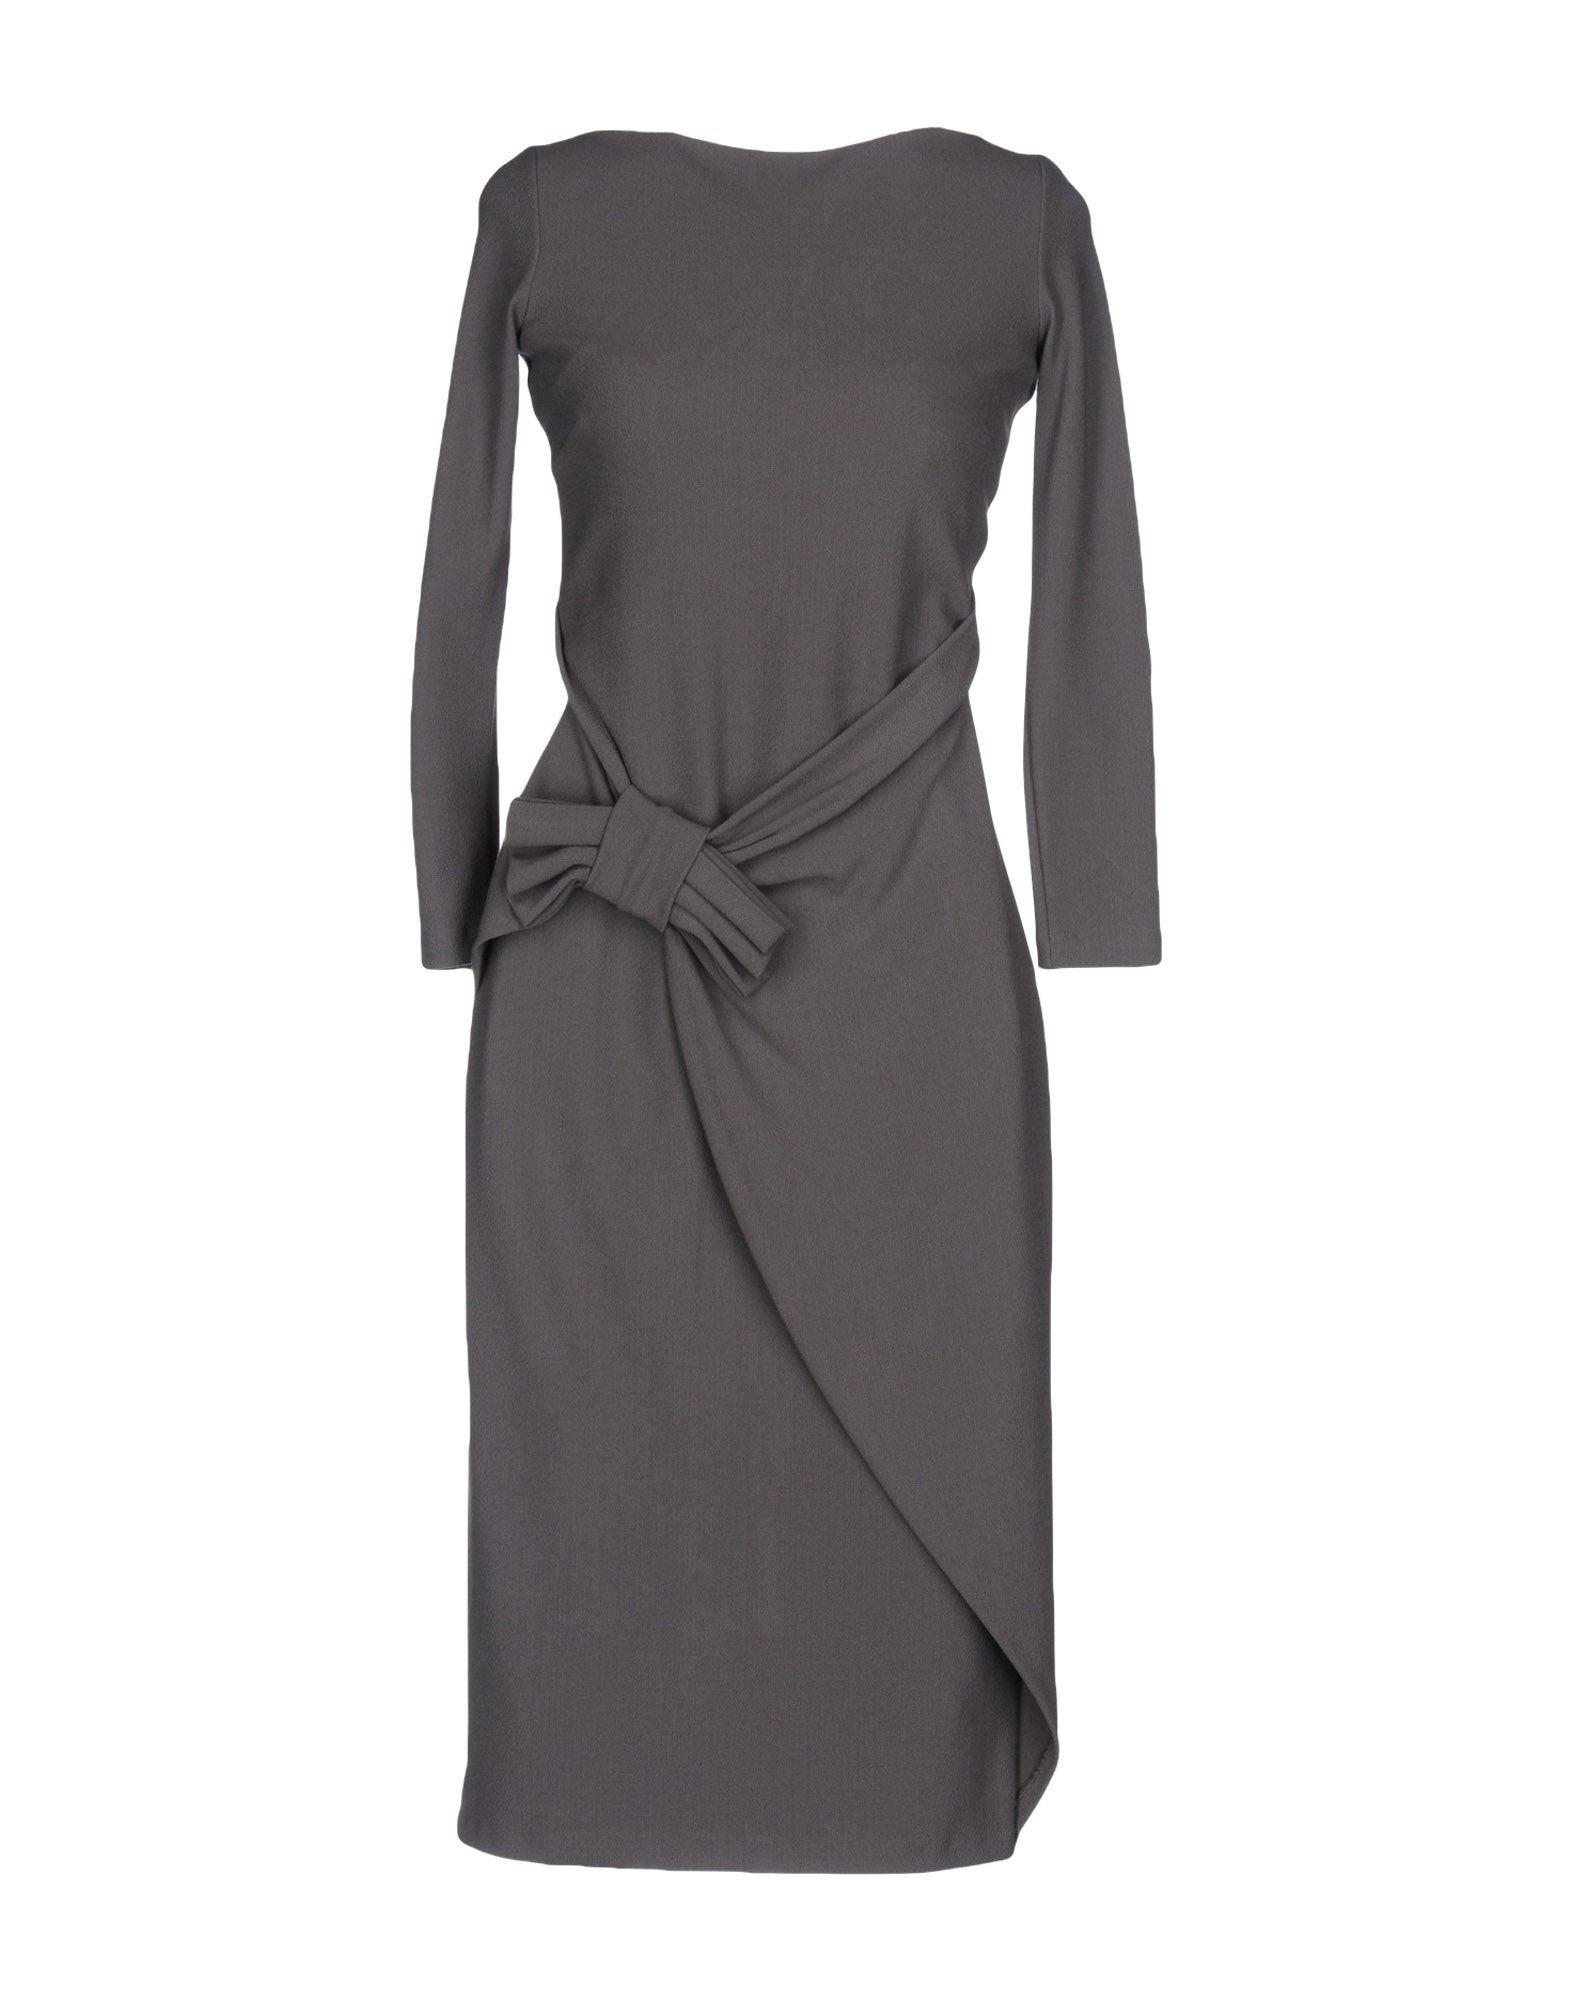 CHIARA BONI LA PETITE ROBE Платье до колена chiara boni la petite robe футболка